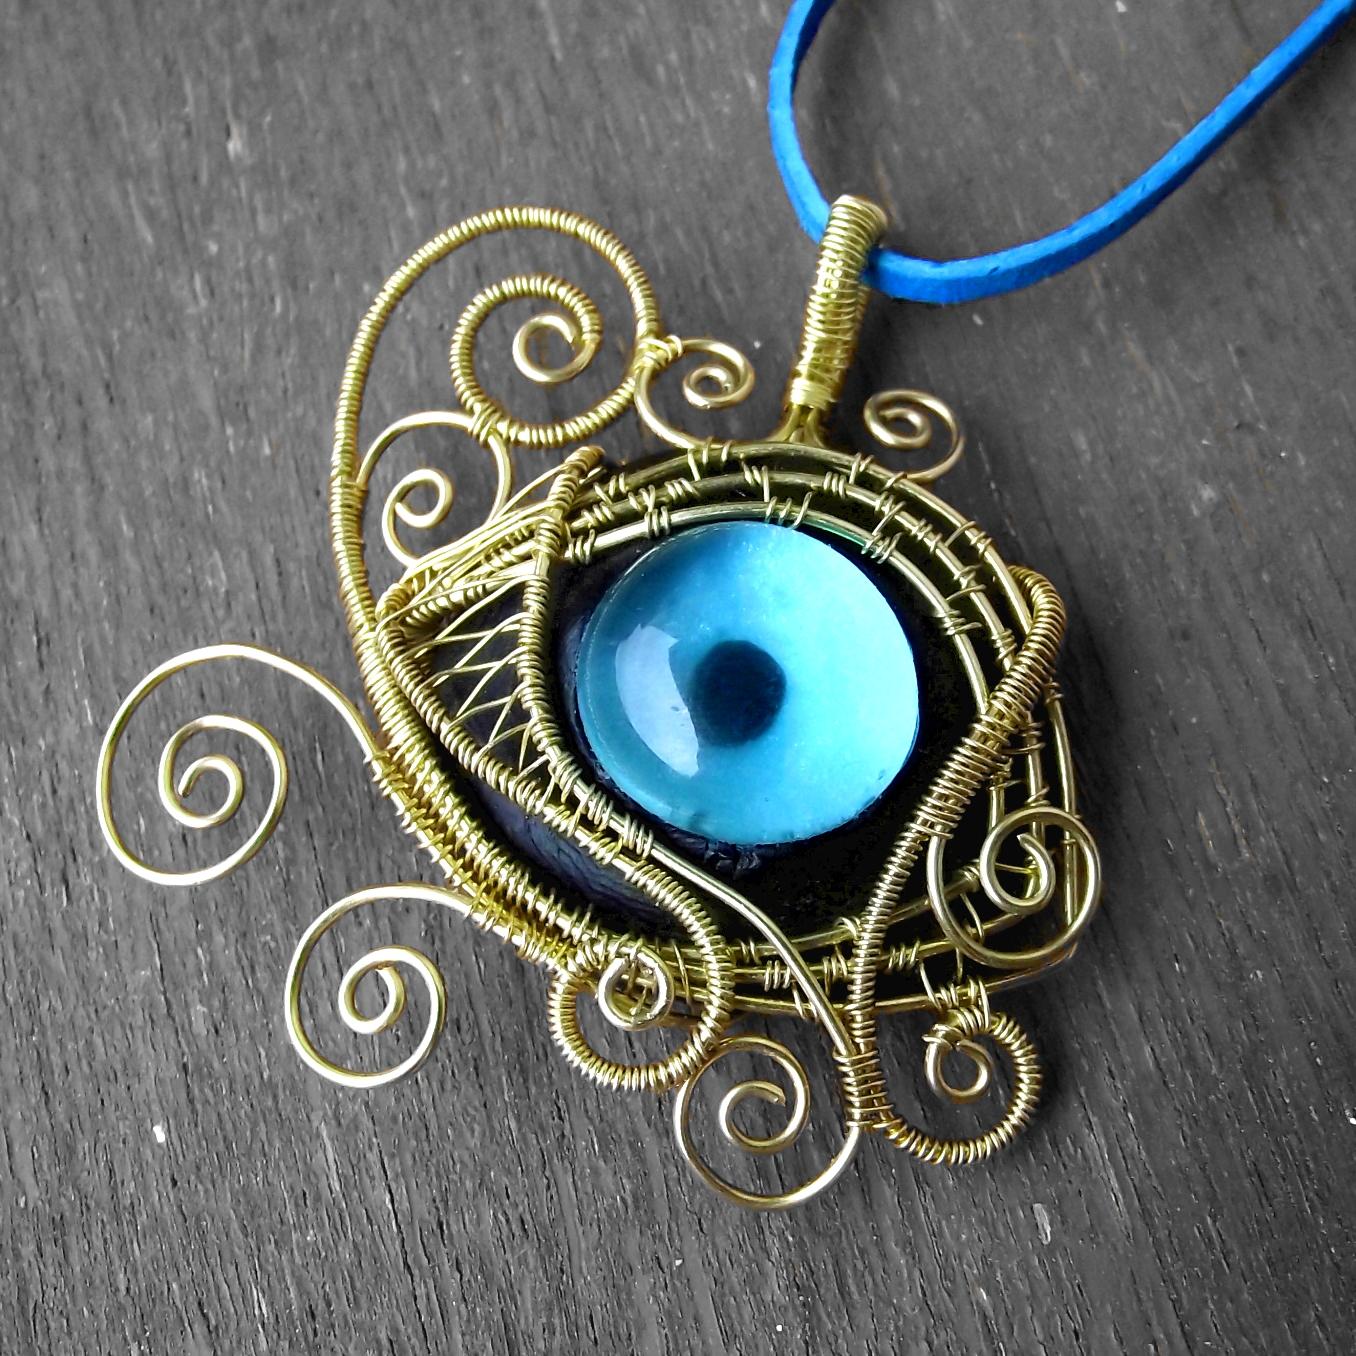 546e1b00ac3 Velice složitý a krásný šperk v egyptském stylu jsem nazvala Raovo oko